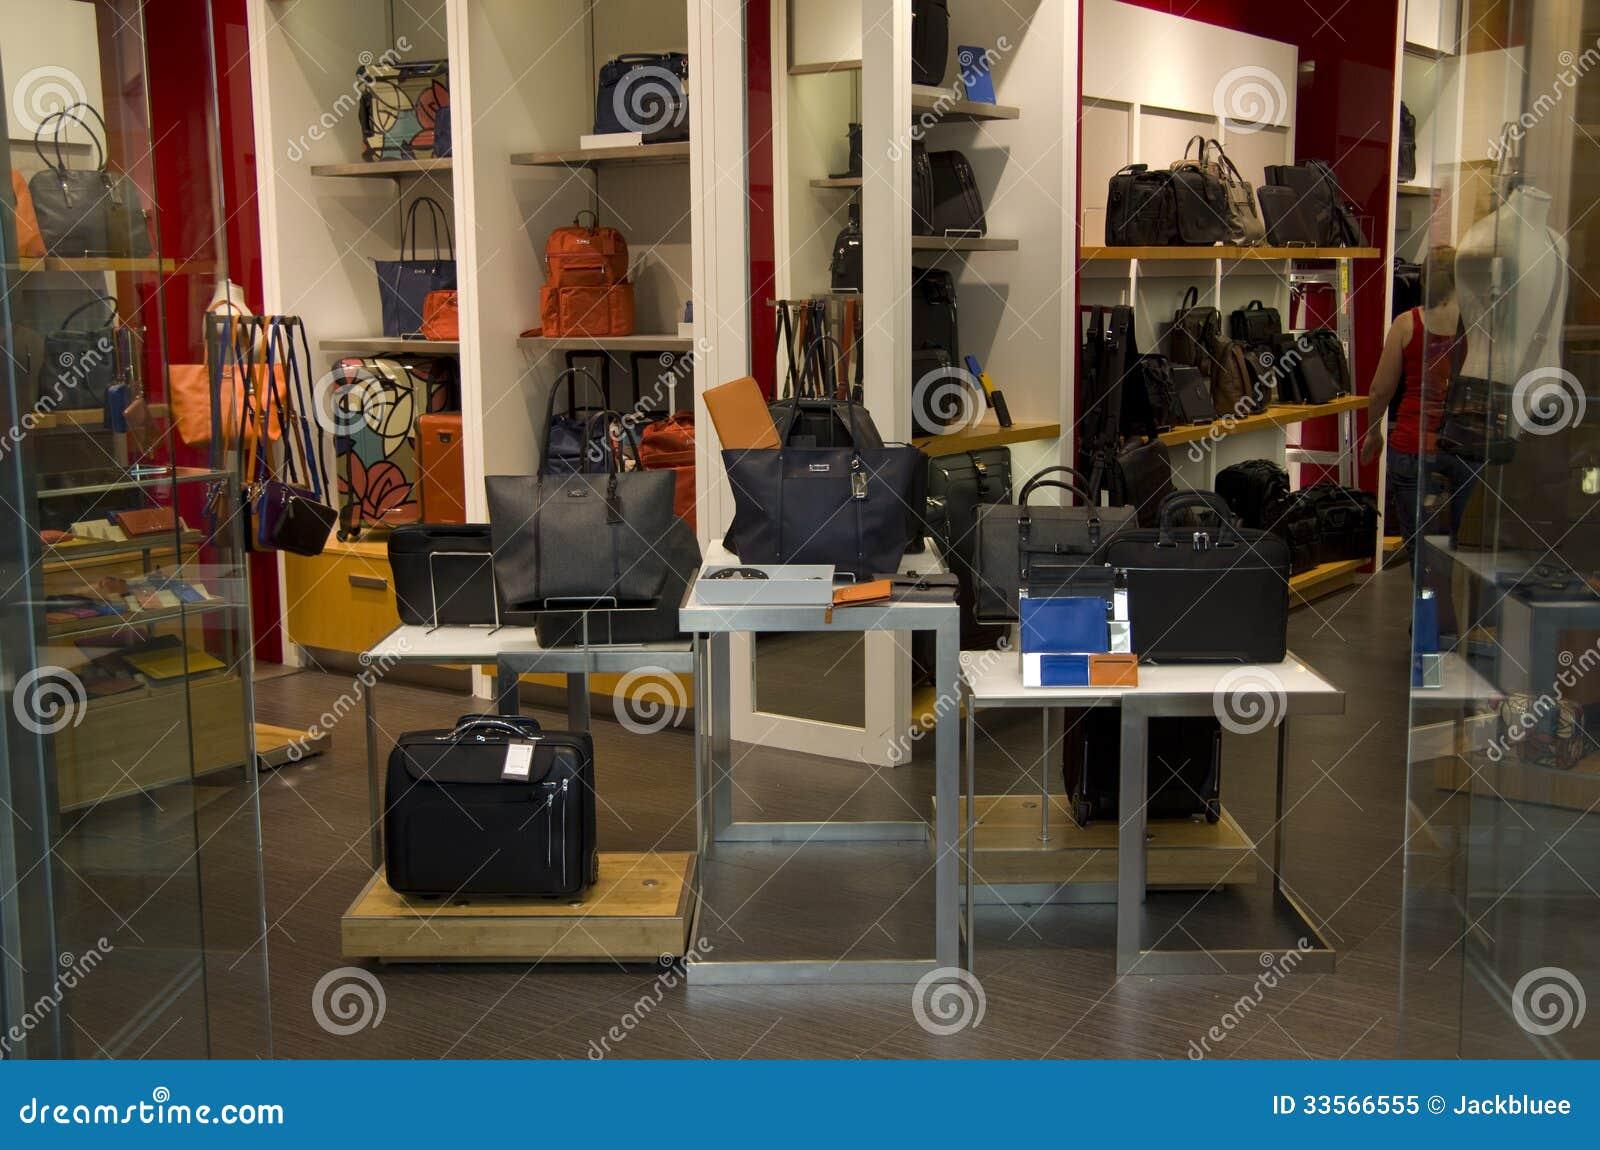 sac main magasin de serviette photo libre de droits image 33566555. Black Bedroom Furniture Sets. Home Design Ideas